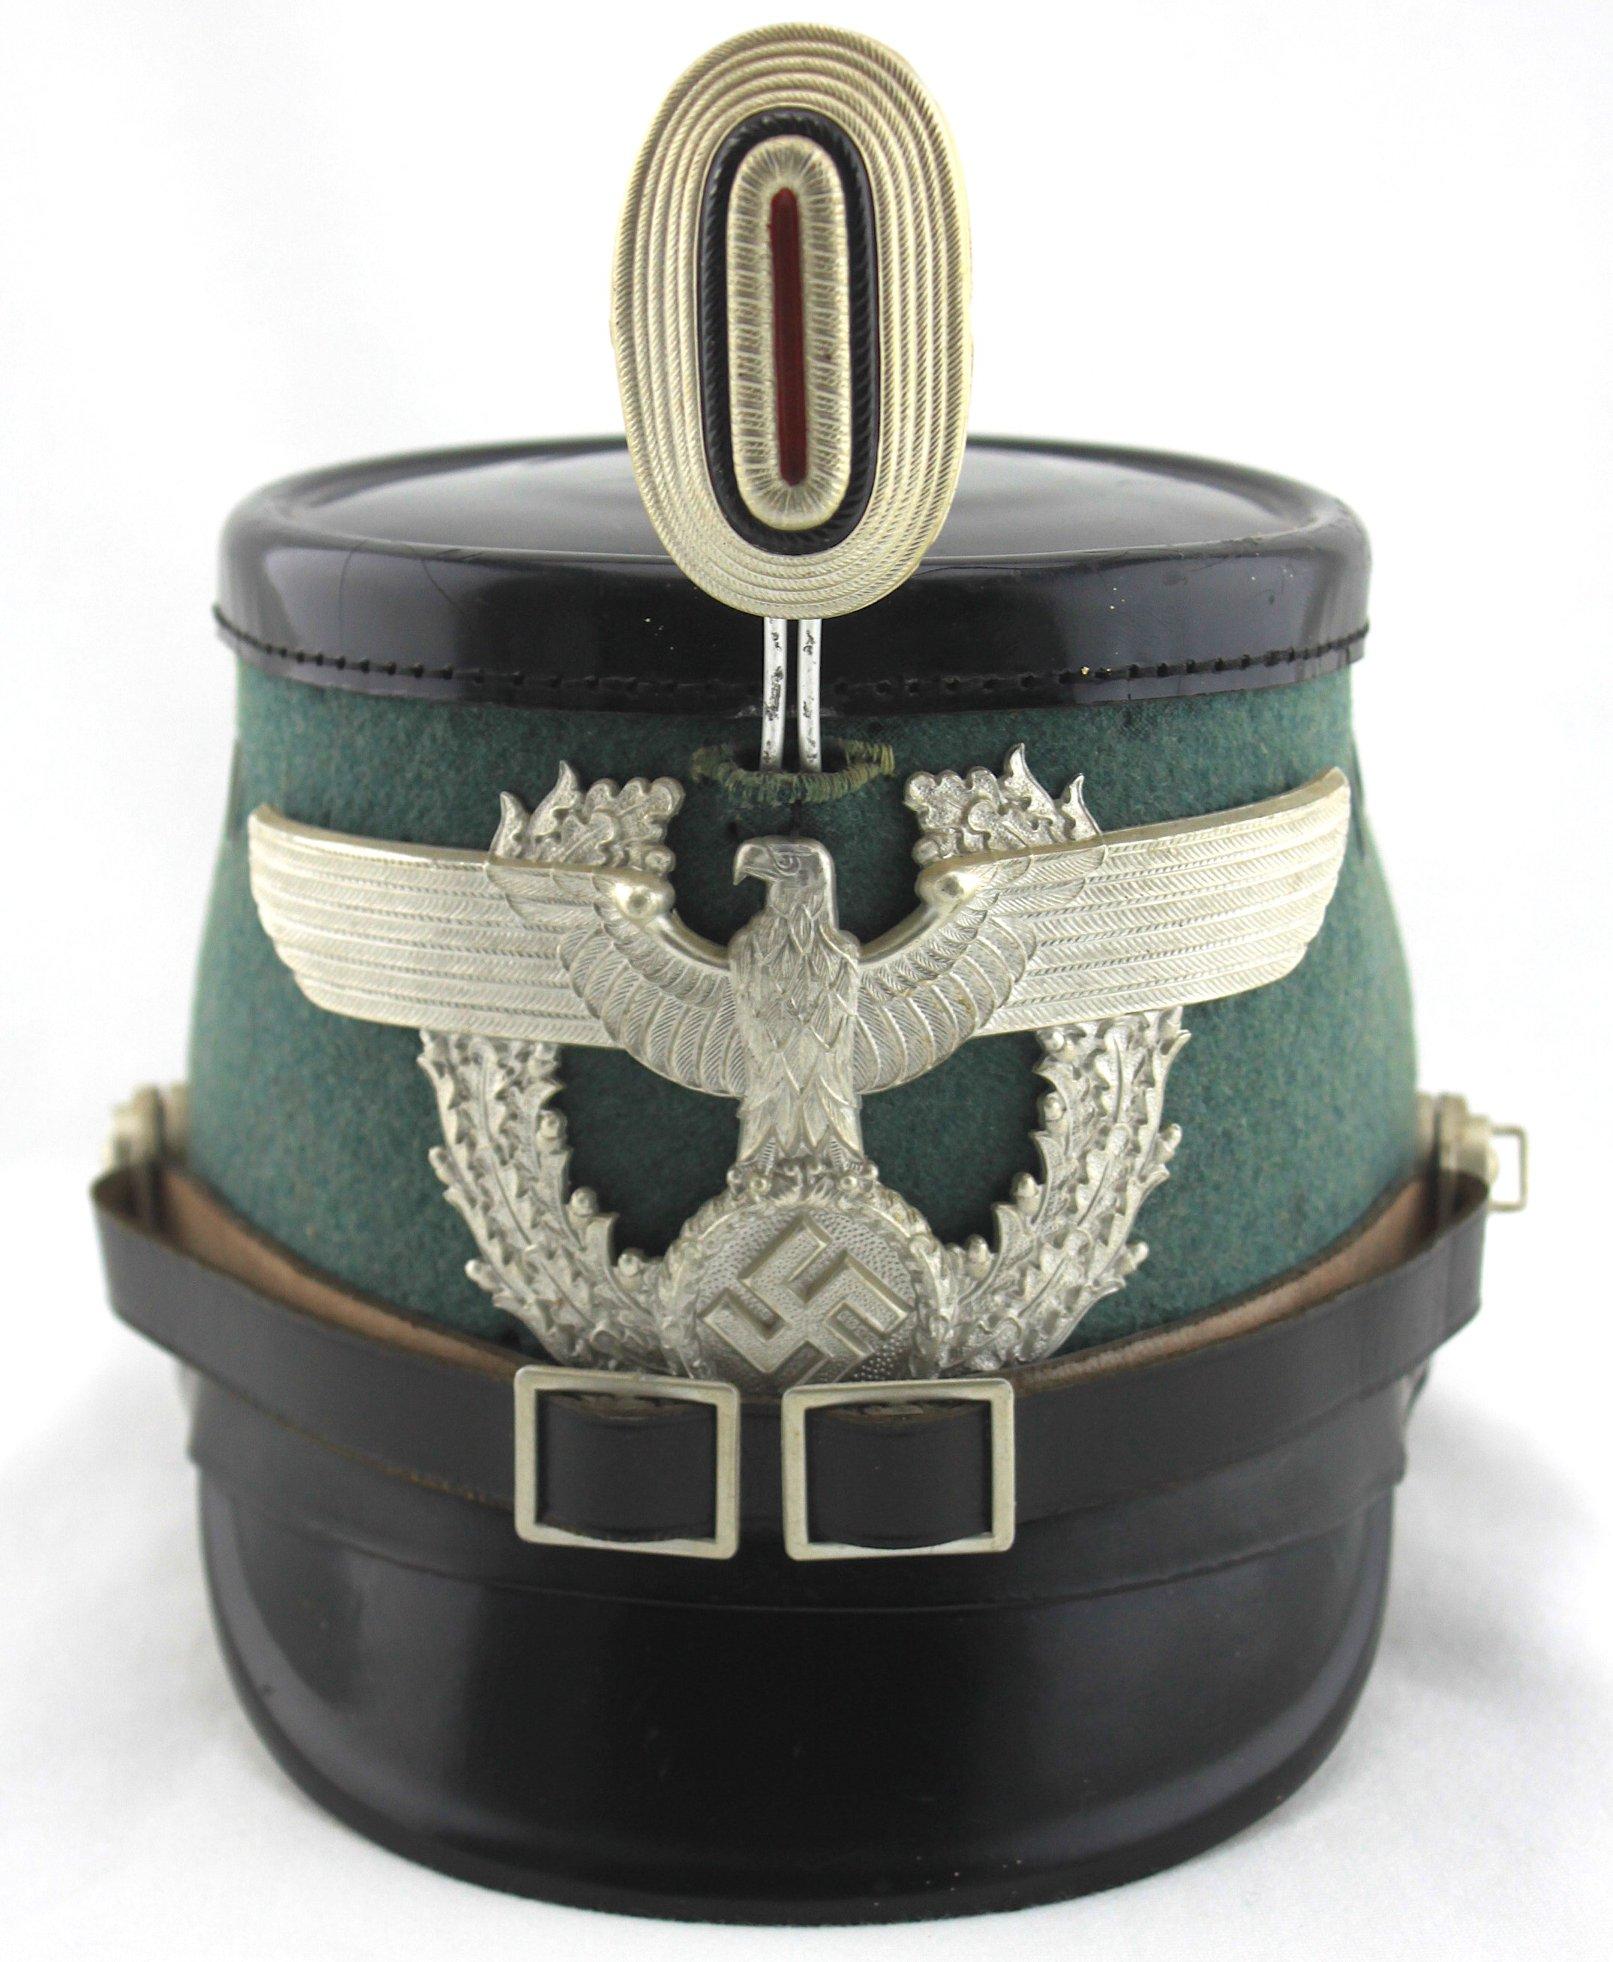 納粹時期德國警察NCO階級勤務桶帽